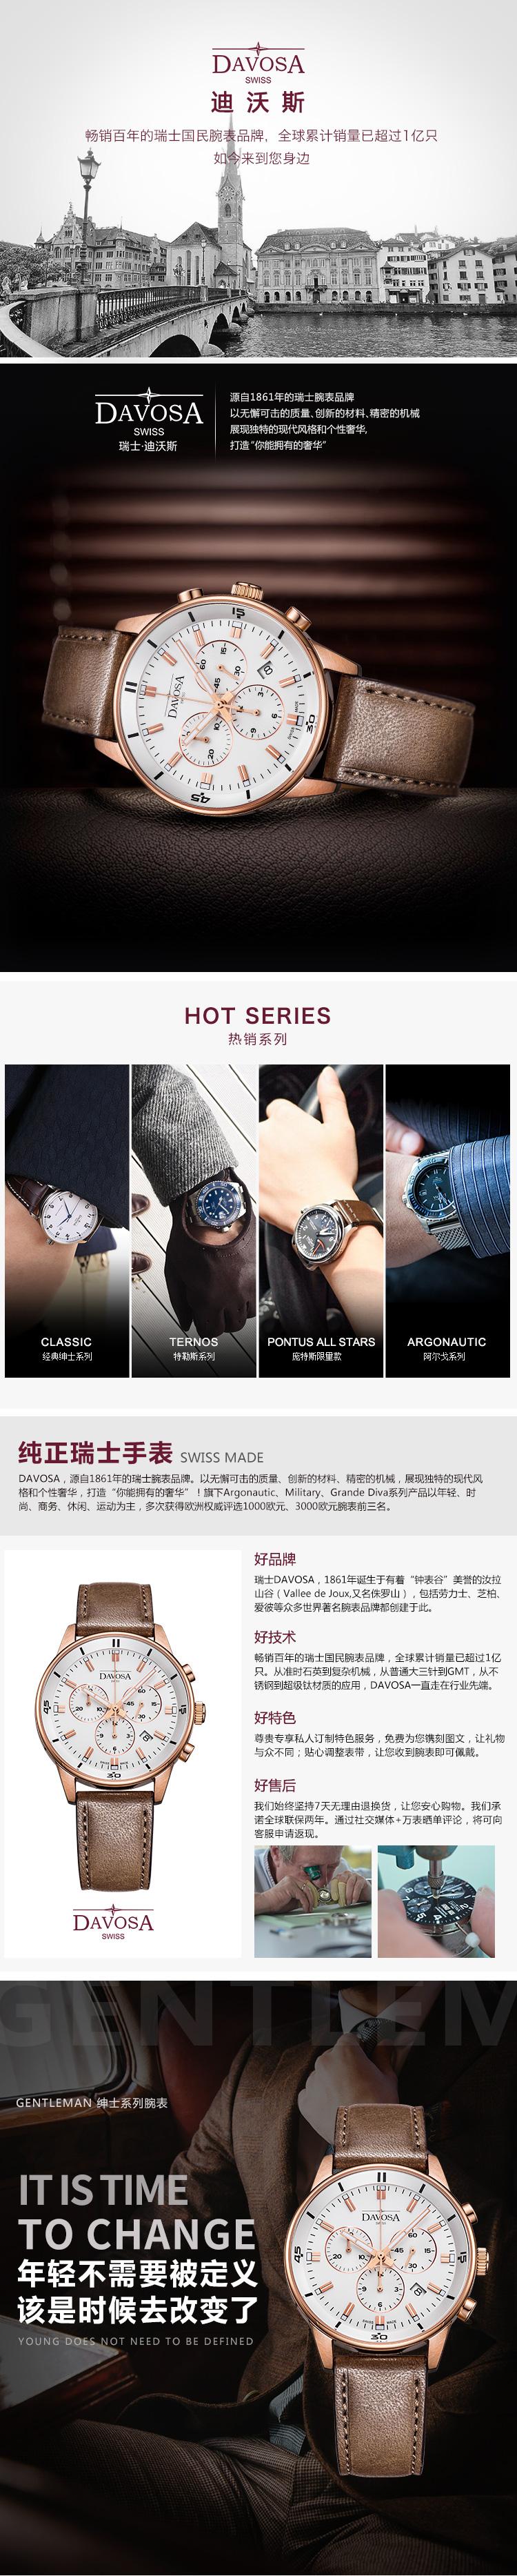 瑞士原装进口,全球联保两年!瑞士迪沃斯-(DAVOSA)-Gentleman 绅士系列 Vireo商务精英 16249395 石英男表